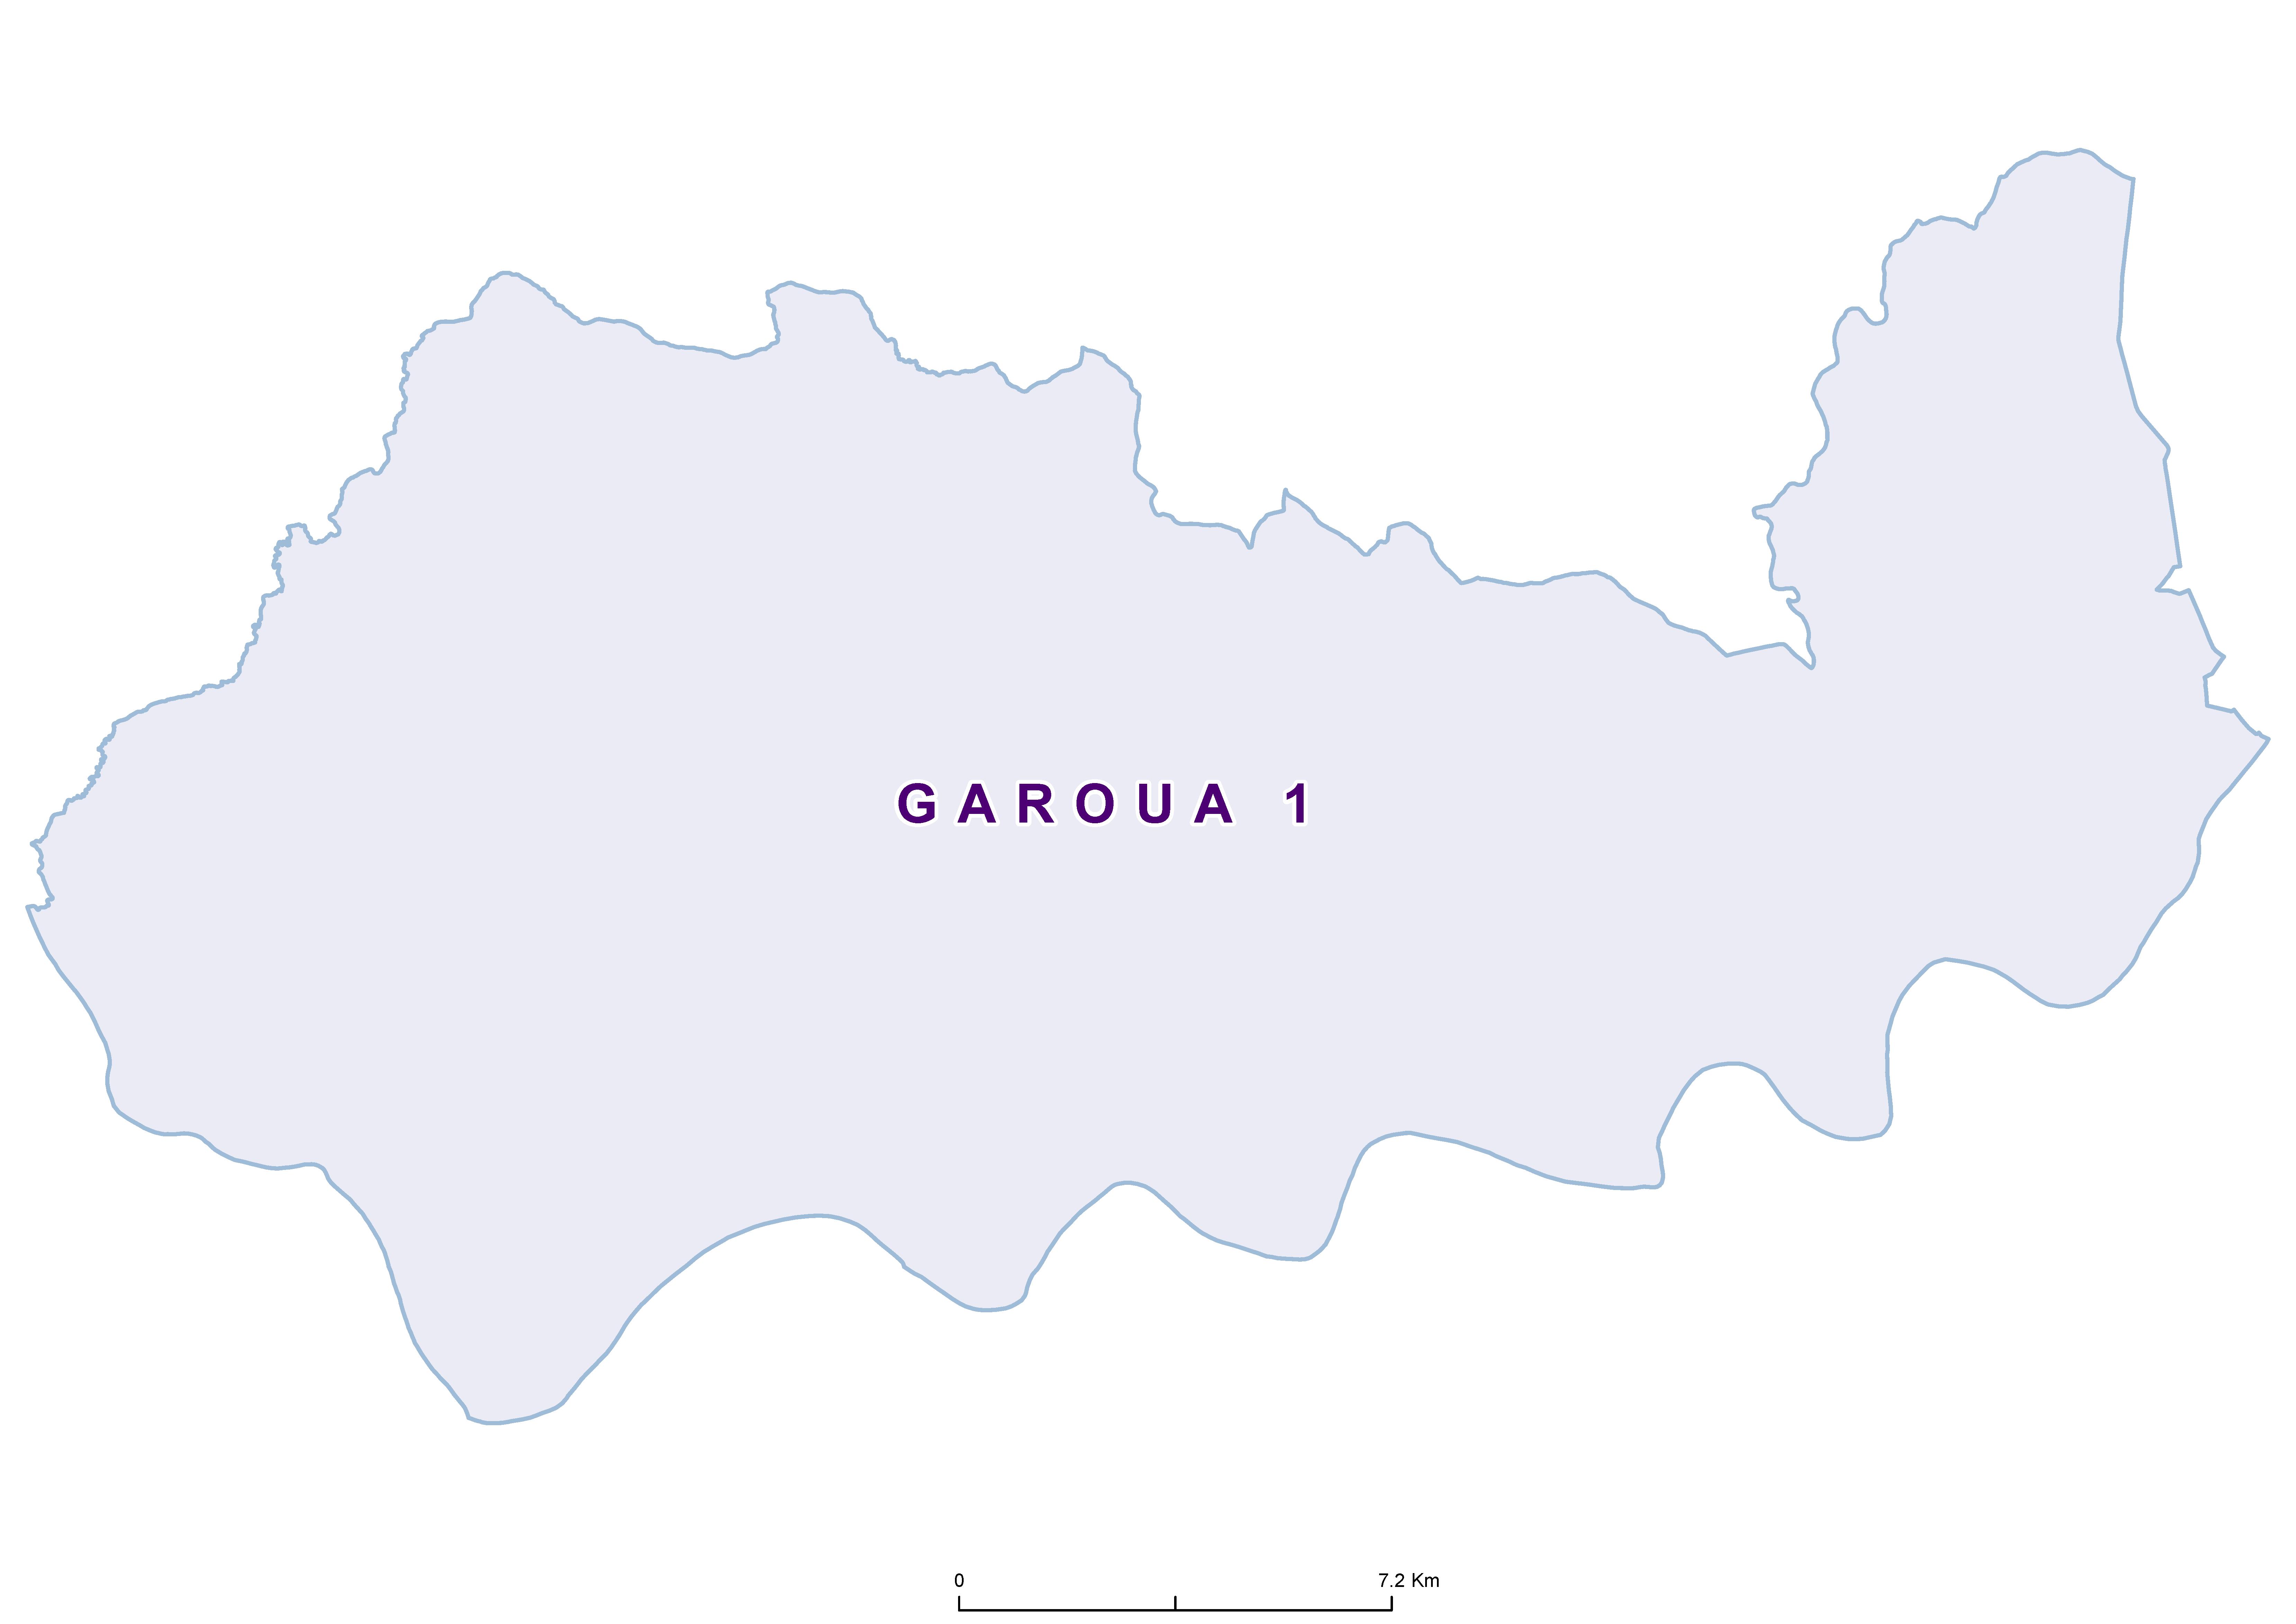 Garoua 1 Max STH 19850001